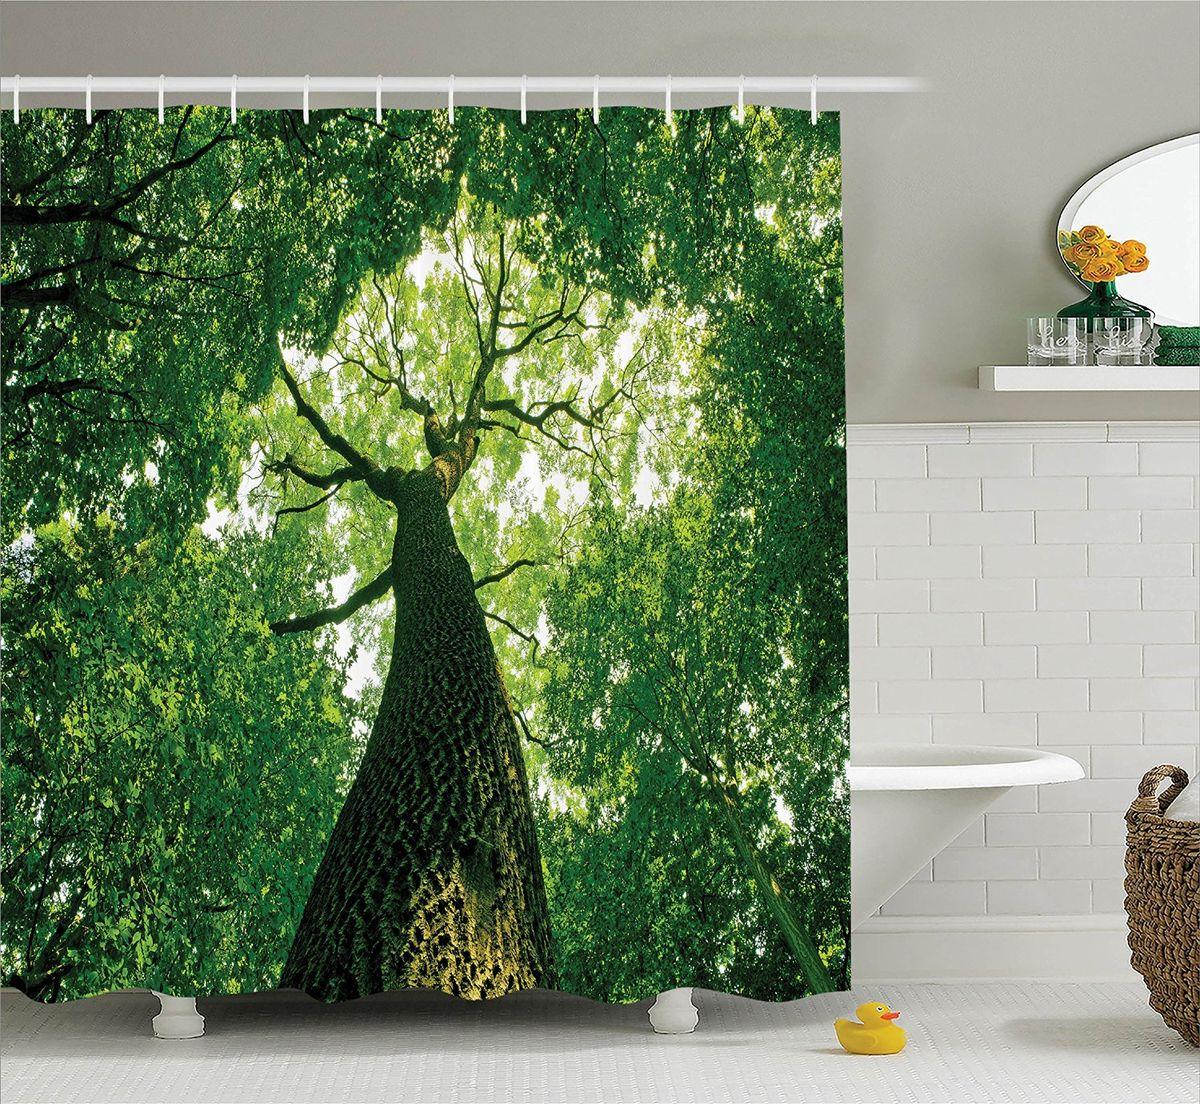 Штора для ванной комнаты Magic Lady Высокое дерево, 180 х 200 смшв_12217Штора Magic Lady Высокое дерево, изготовленная из высококачественного сатена (полиэстер 100%), отлично дополнит любой интерьер ванной комнаты. При изготовлении используются специальные гипоаллергенные чернила для прямой печати по ткани, безопасные для человека.В комплекте: 1 штора, 12 крючков. Обращаем ваше внимание, фактический цвет изделия может незначительно отличаться от представленного на фото.